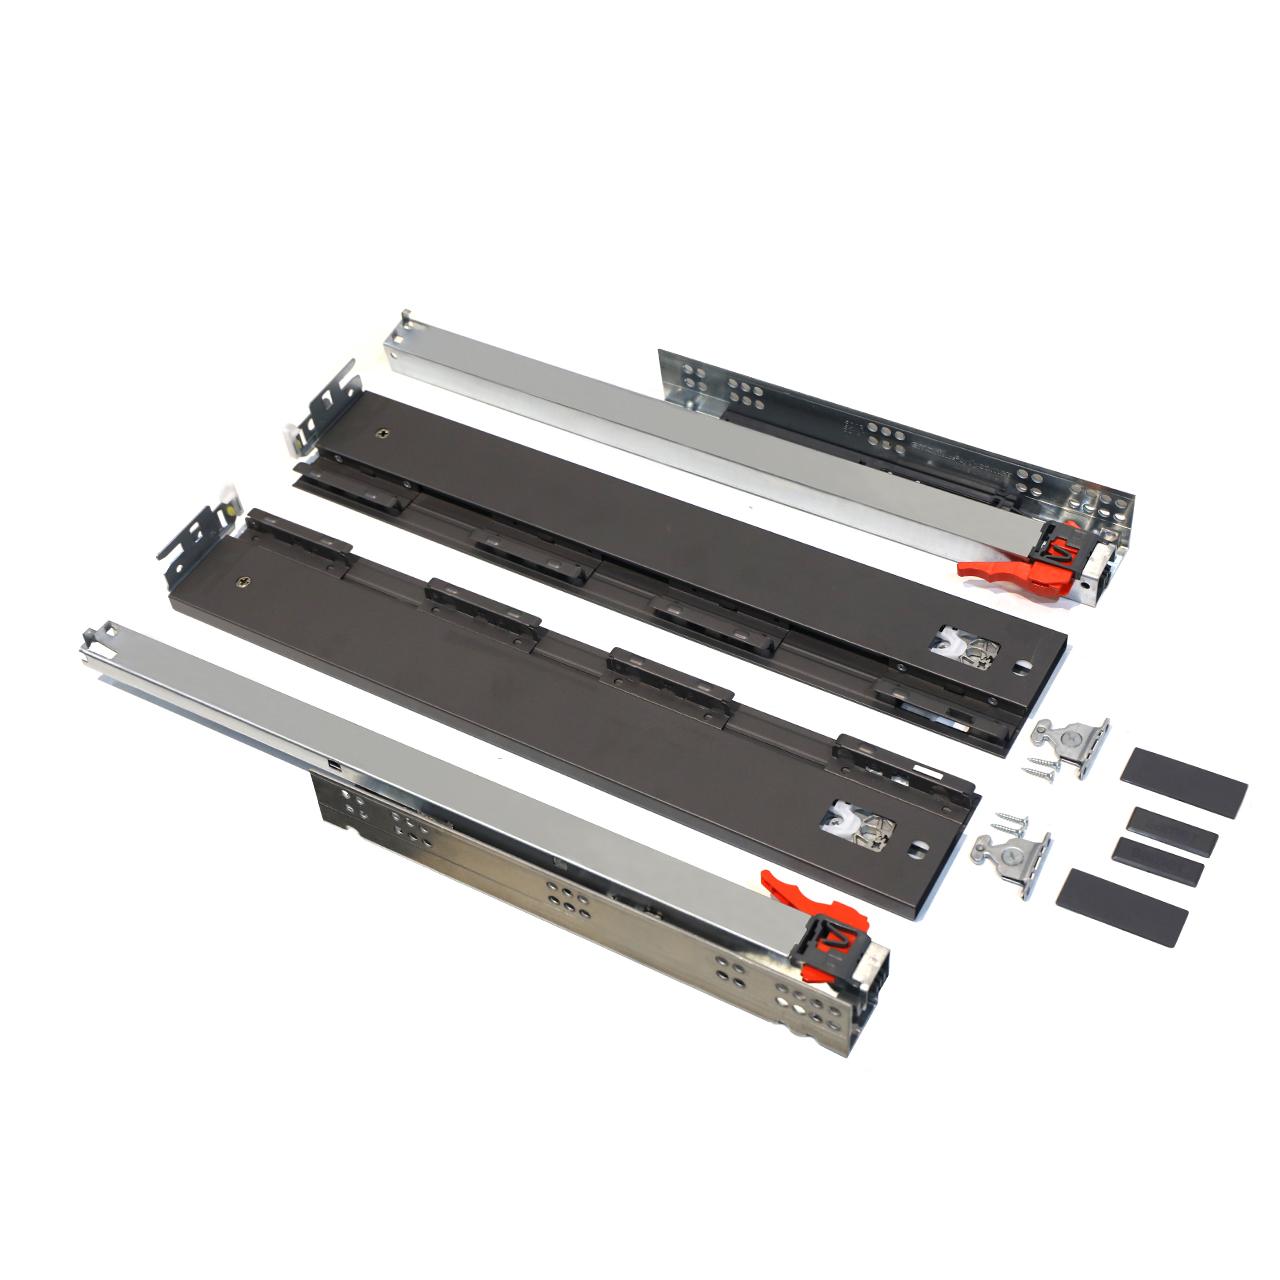 ریل کشو آرام بند صامت مدل SmartFlow A45H58 سایز 45 سانتیمتری بسته 2 عددی